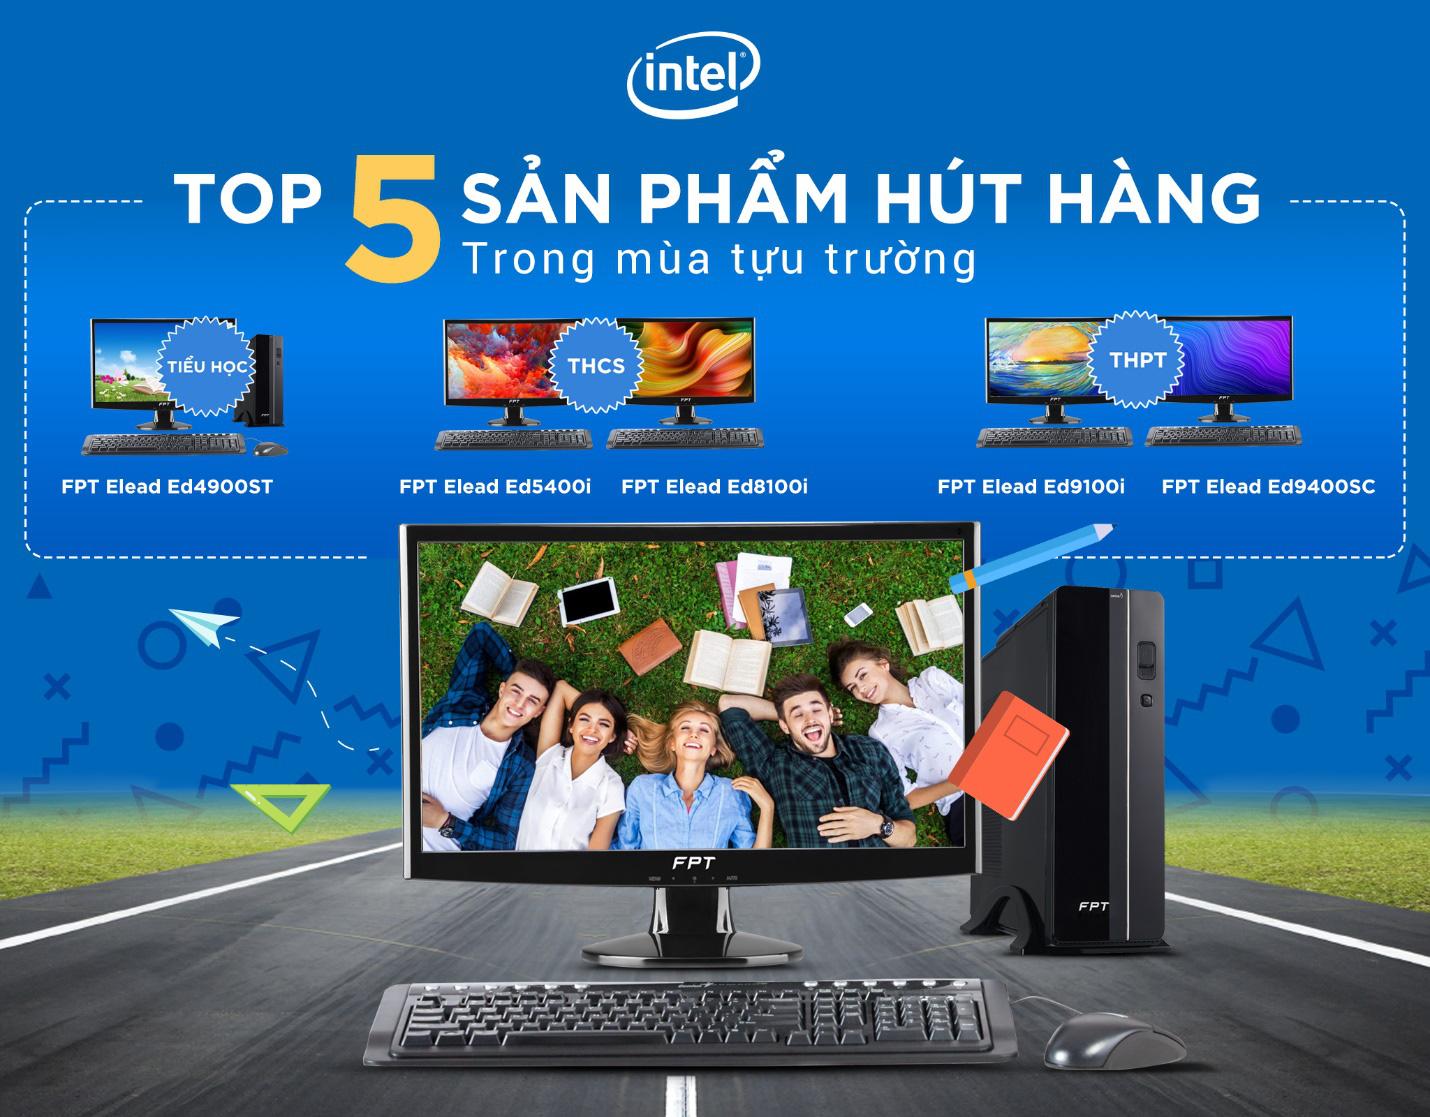 Top 5 máy tính FPT Elead chip Intel hút hàng trong mùa tựu trường - Ảnh 1.